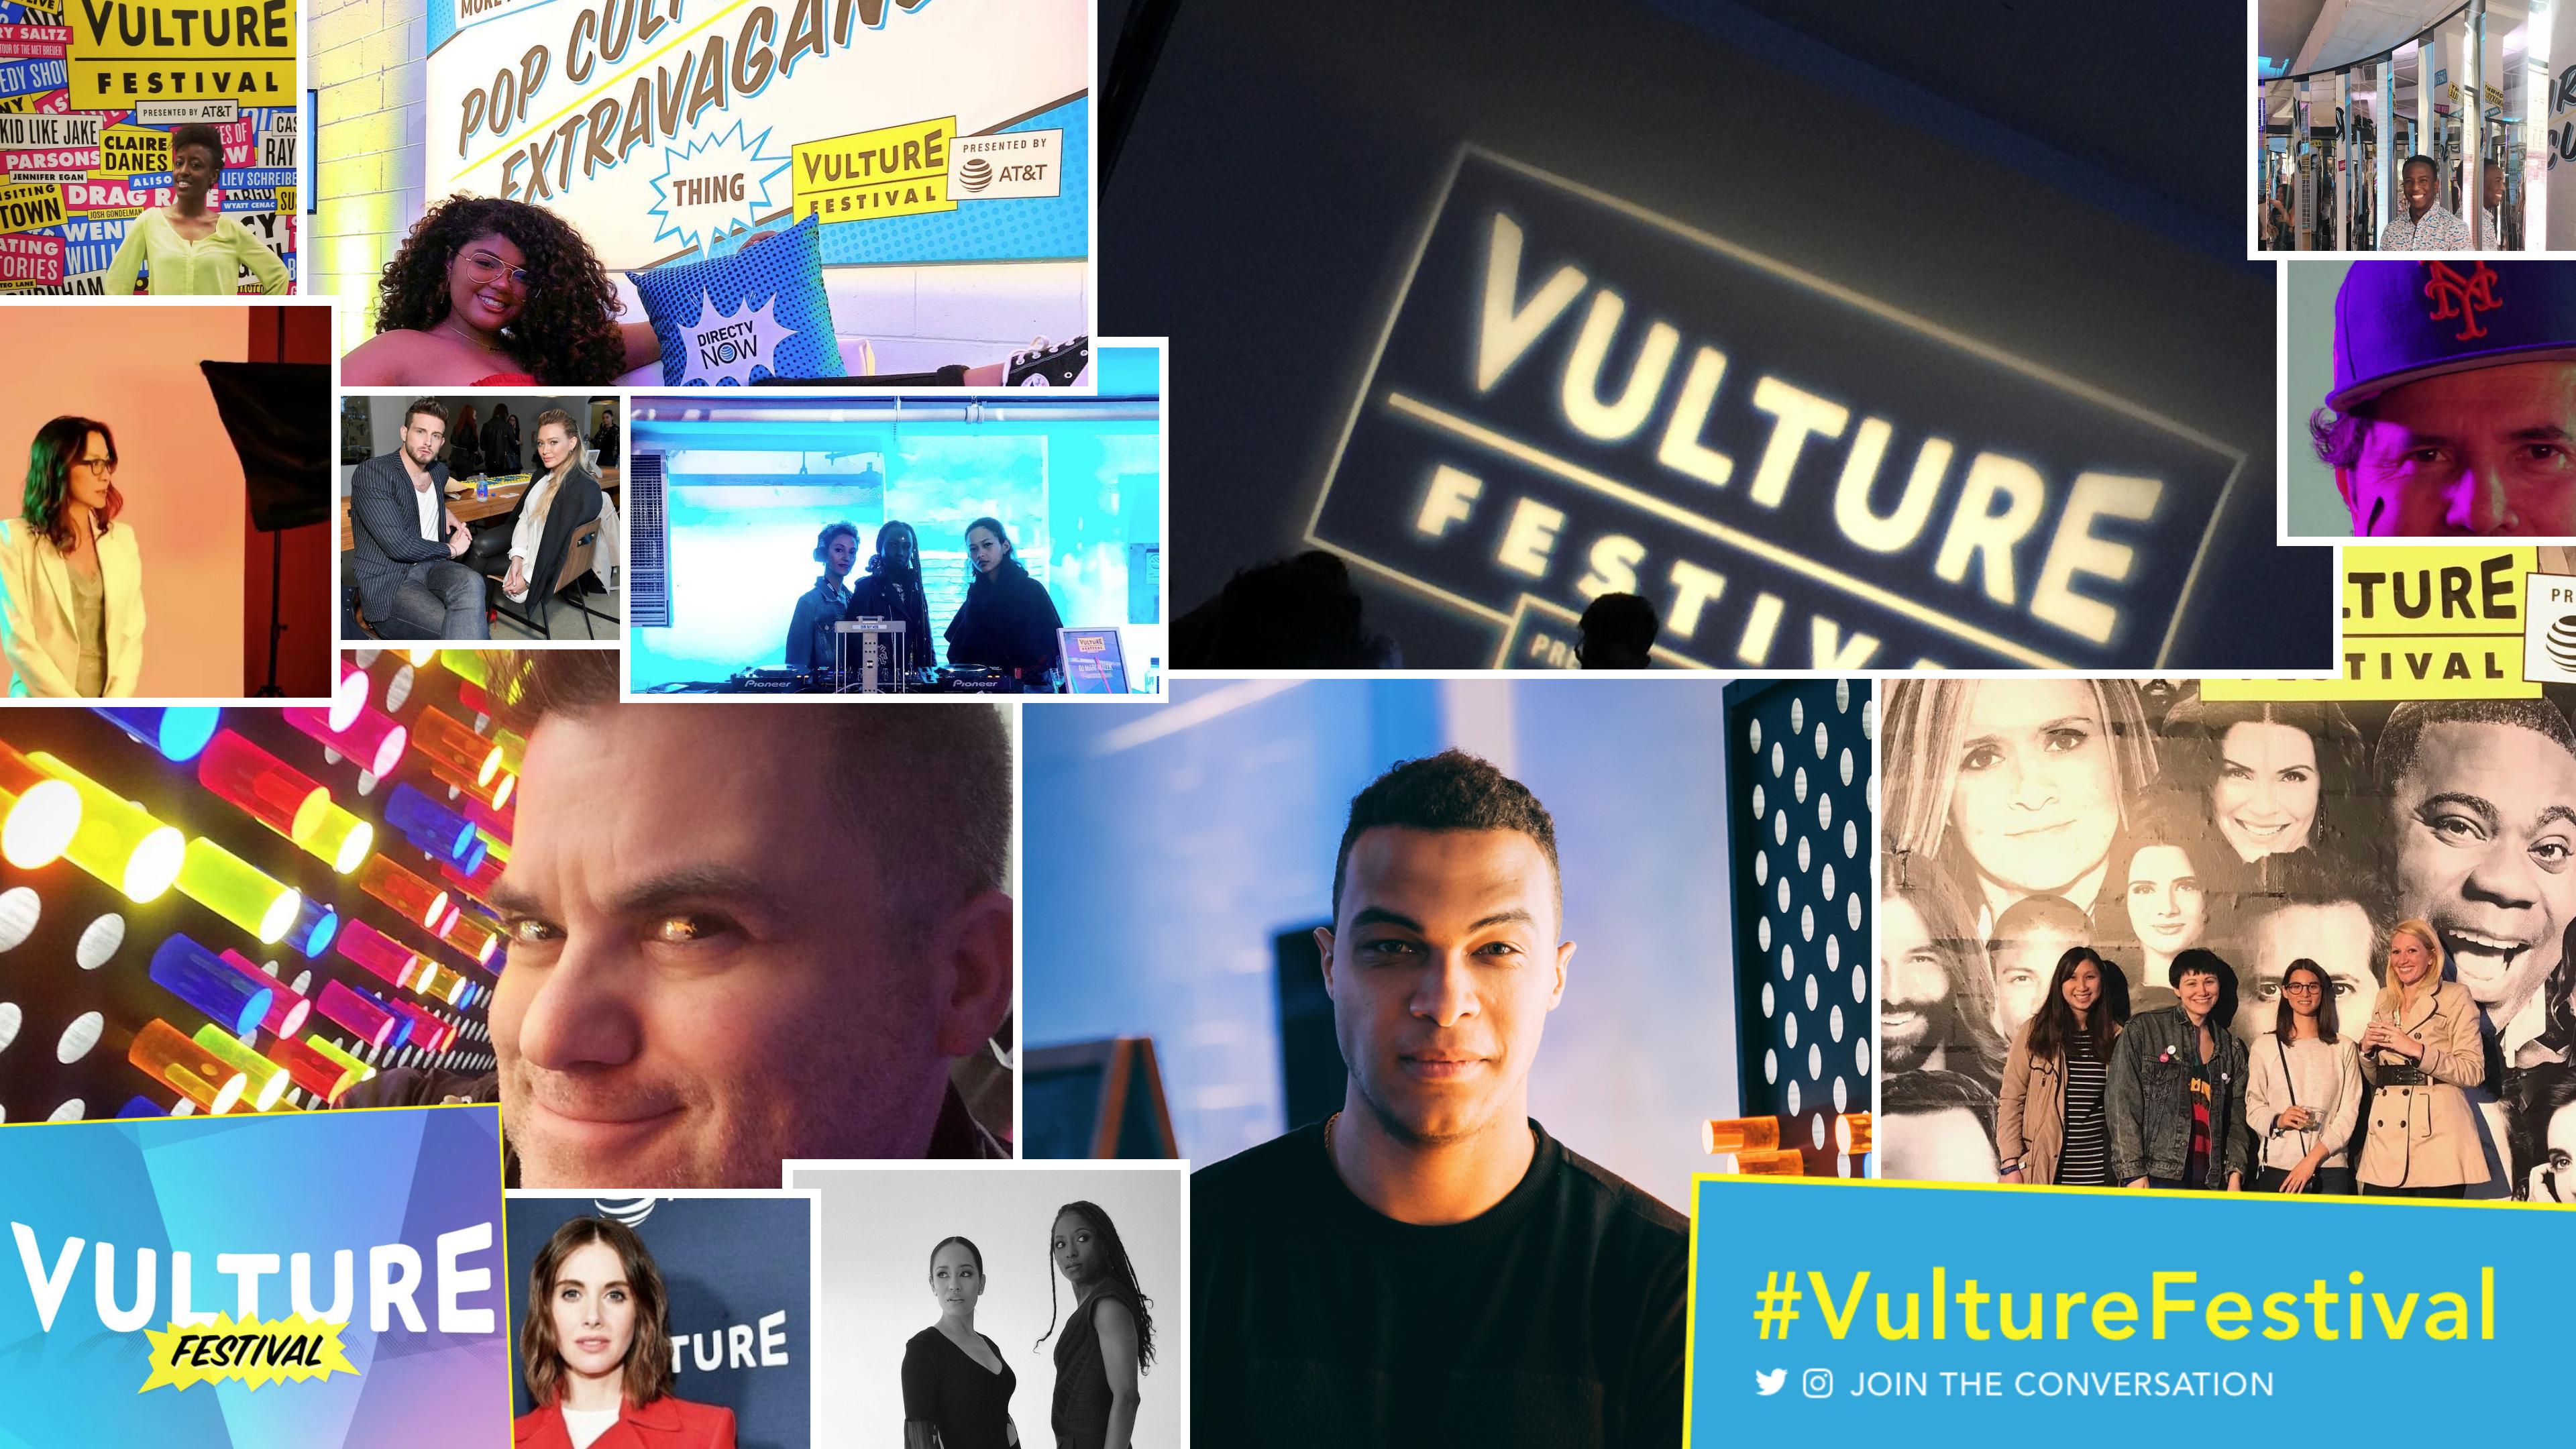 Vulture Fest